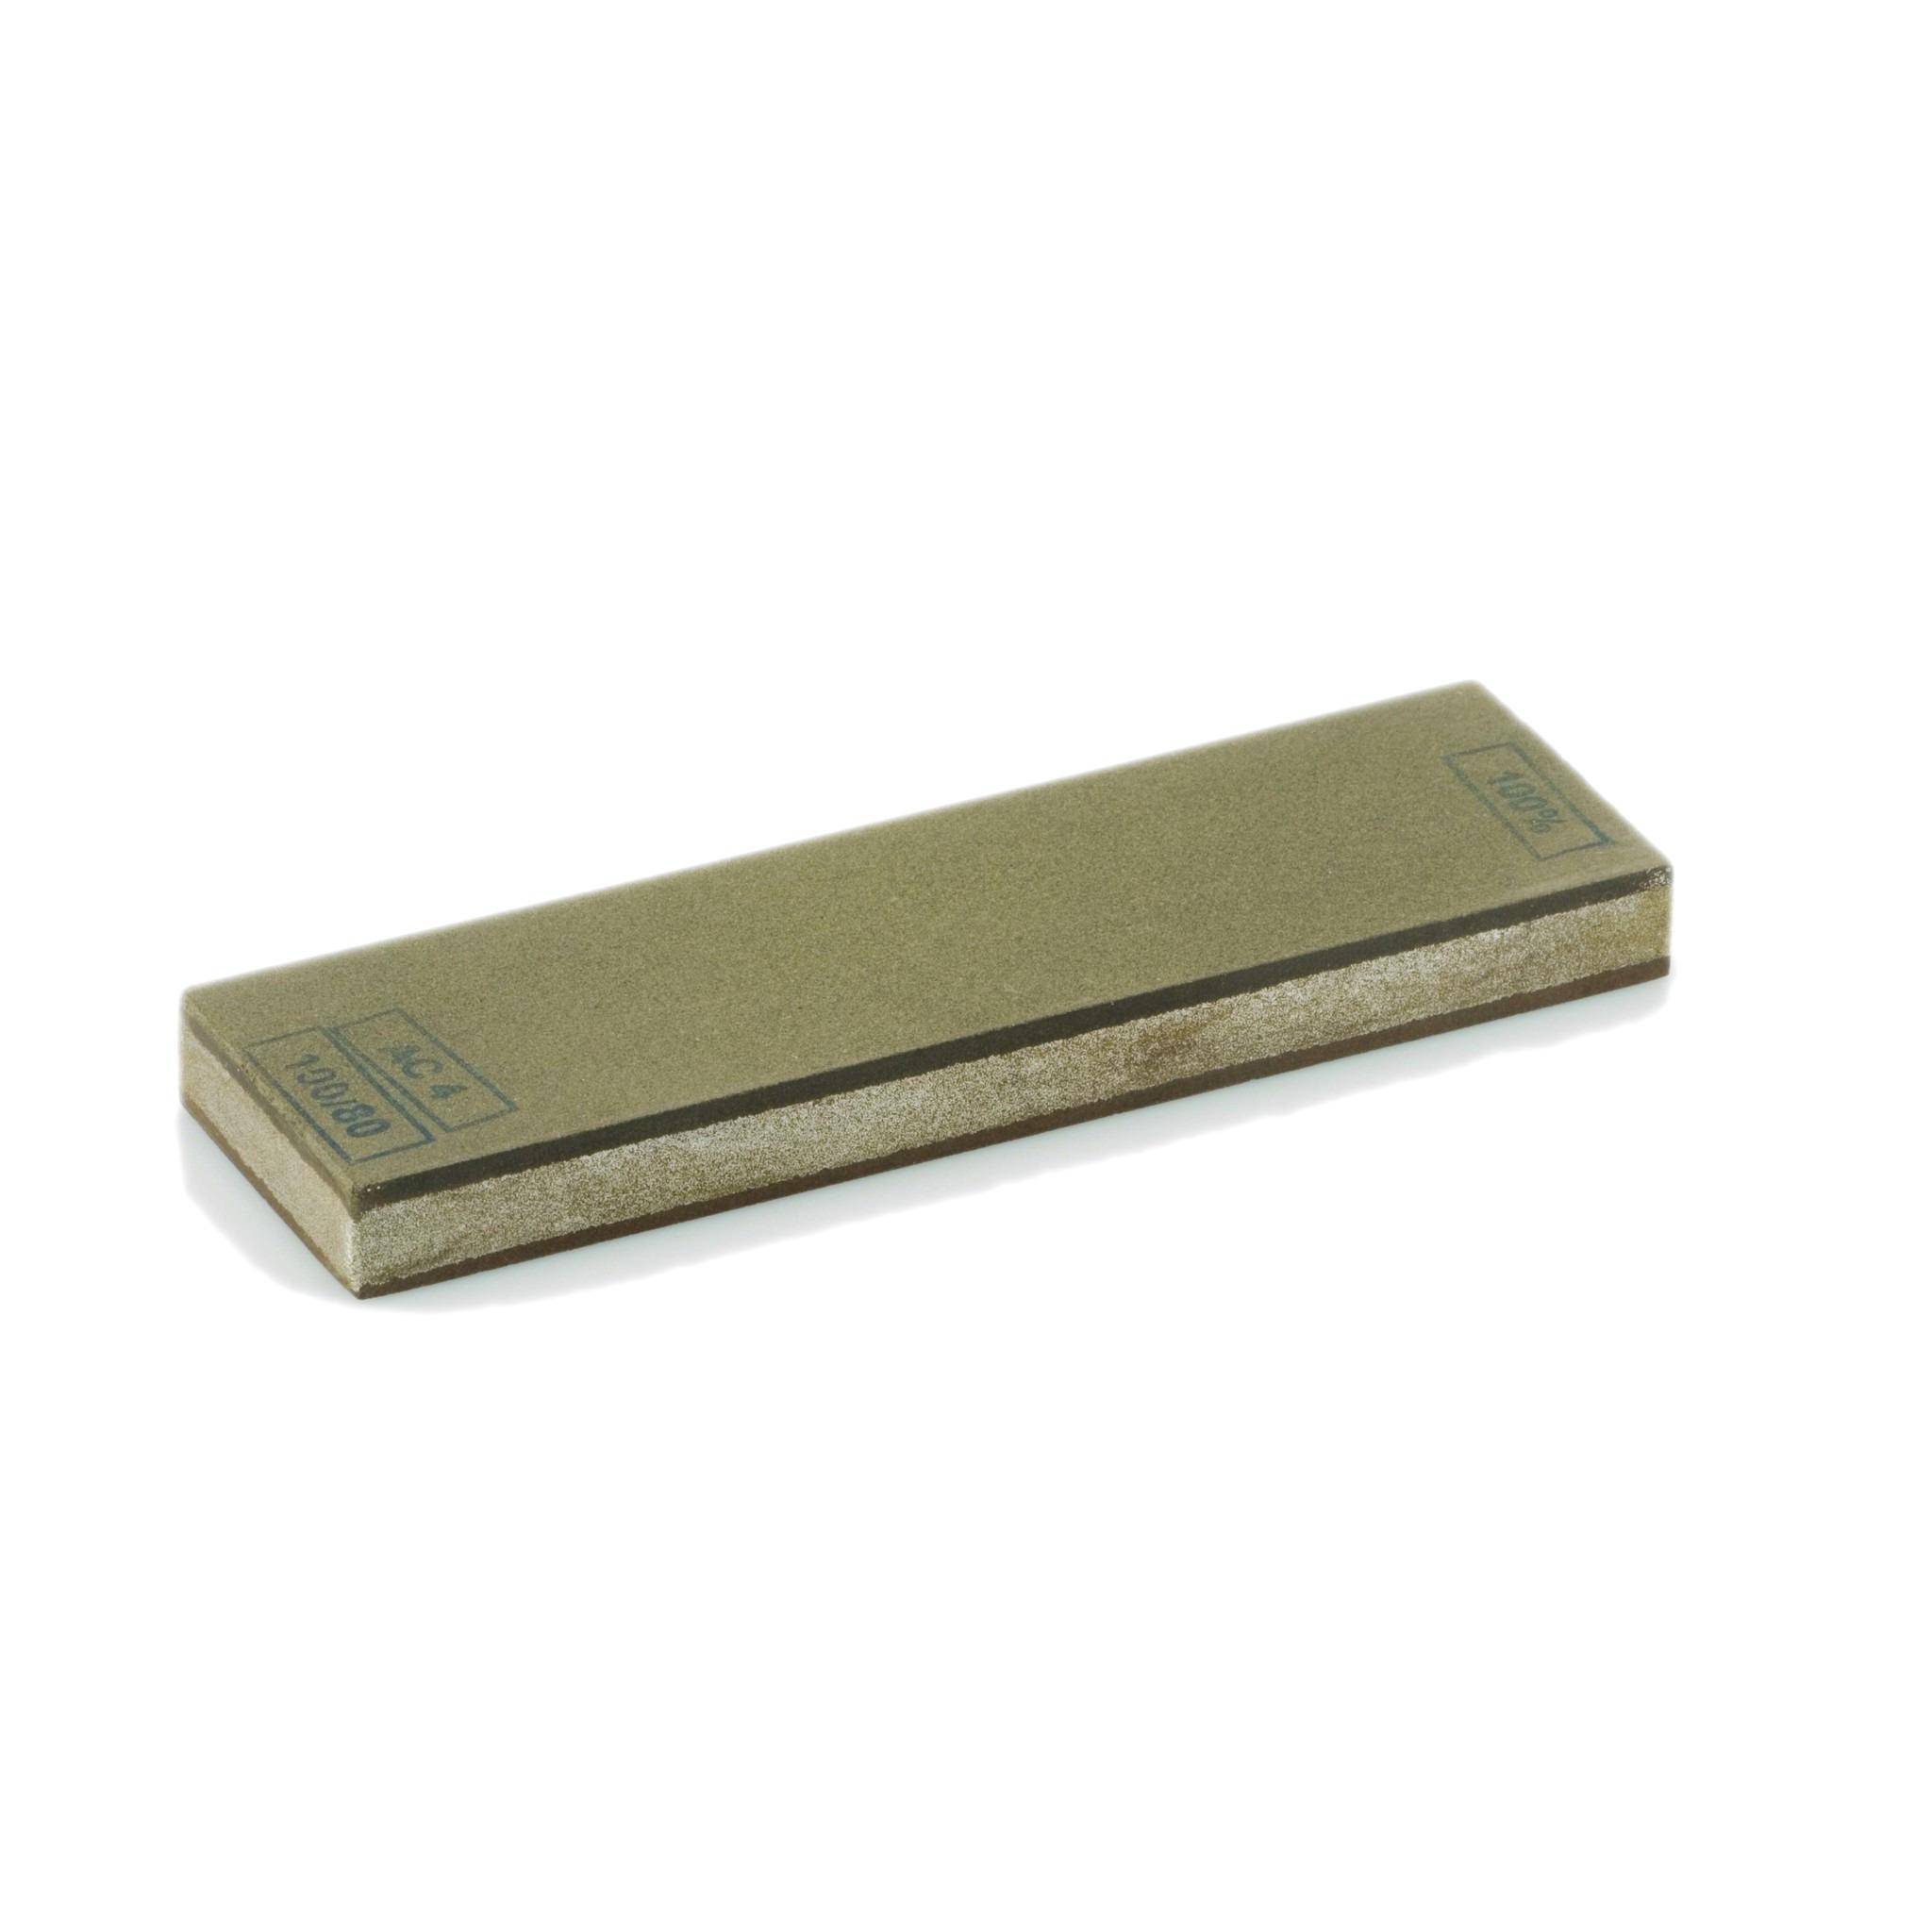 Каталог Алмазный брусок 120х35х10 20/14-7/5 100% Белый.jpg